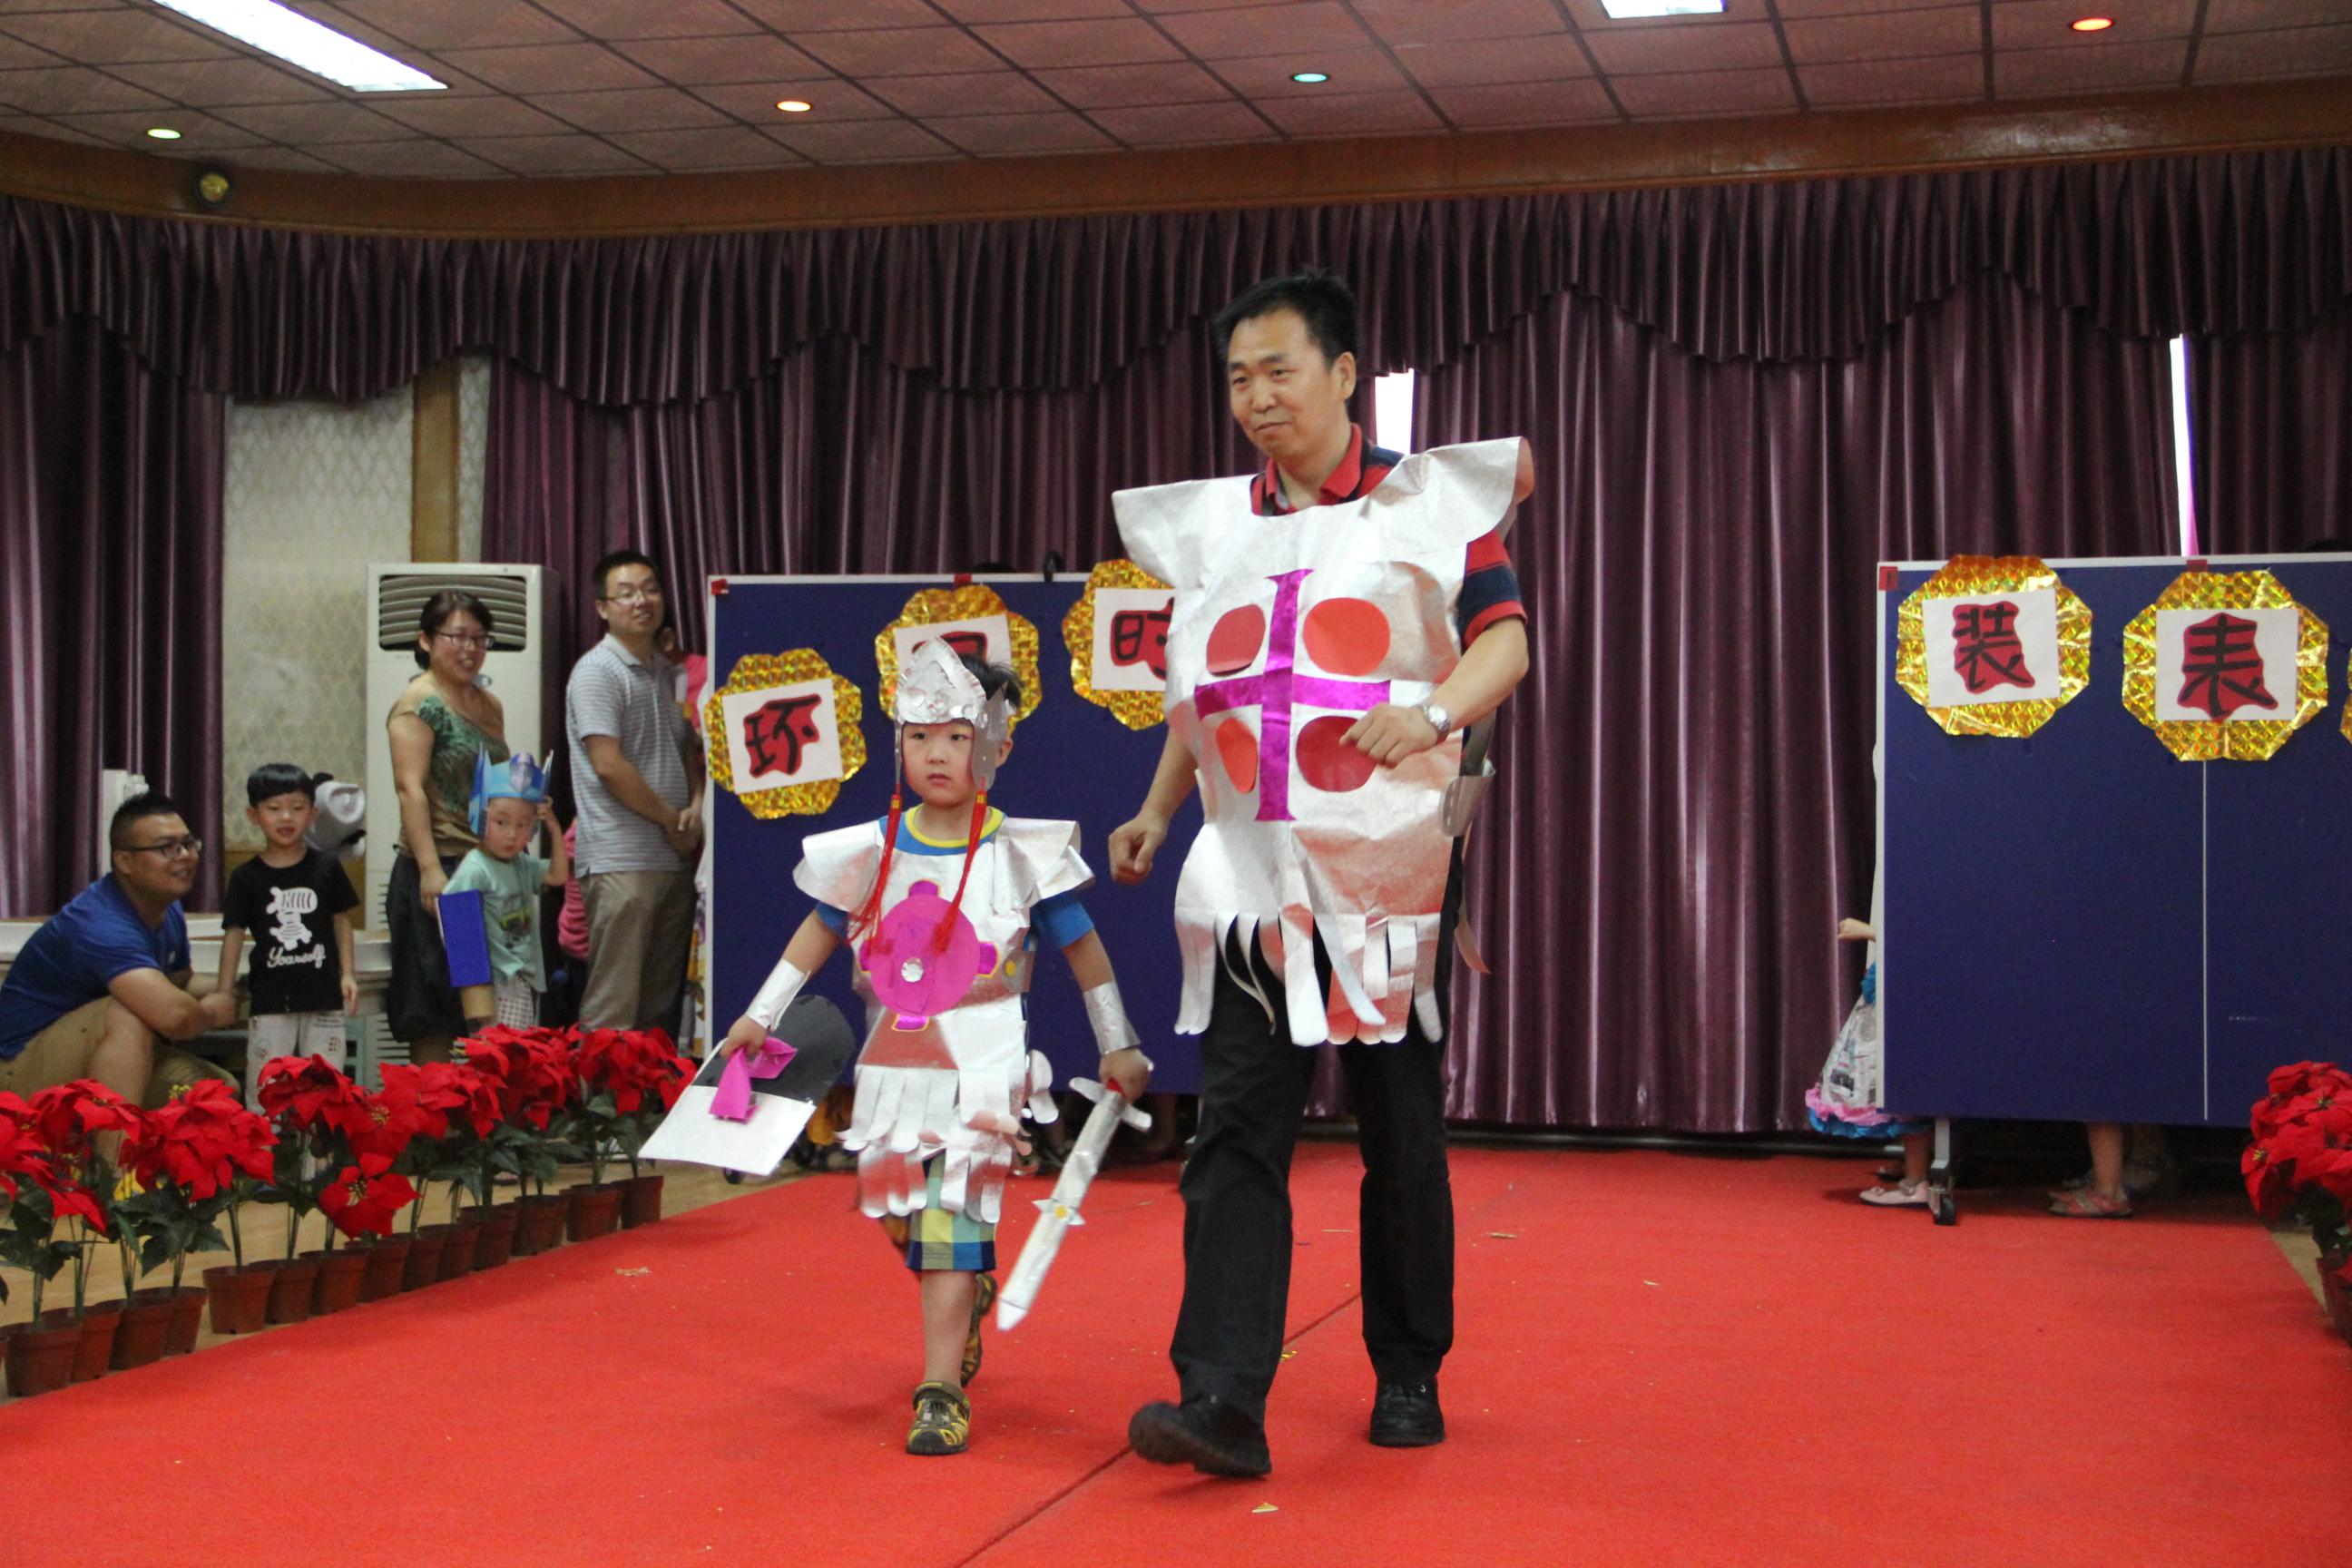 幸福的猫头鹰之家 郑州市教工幼儿园 幼儿环保